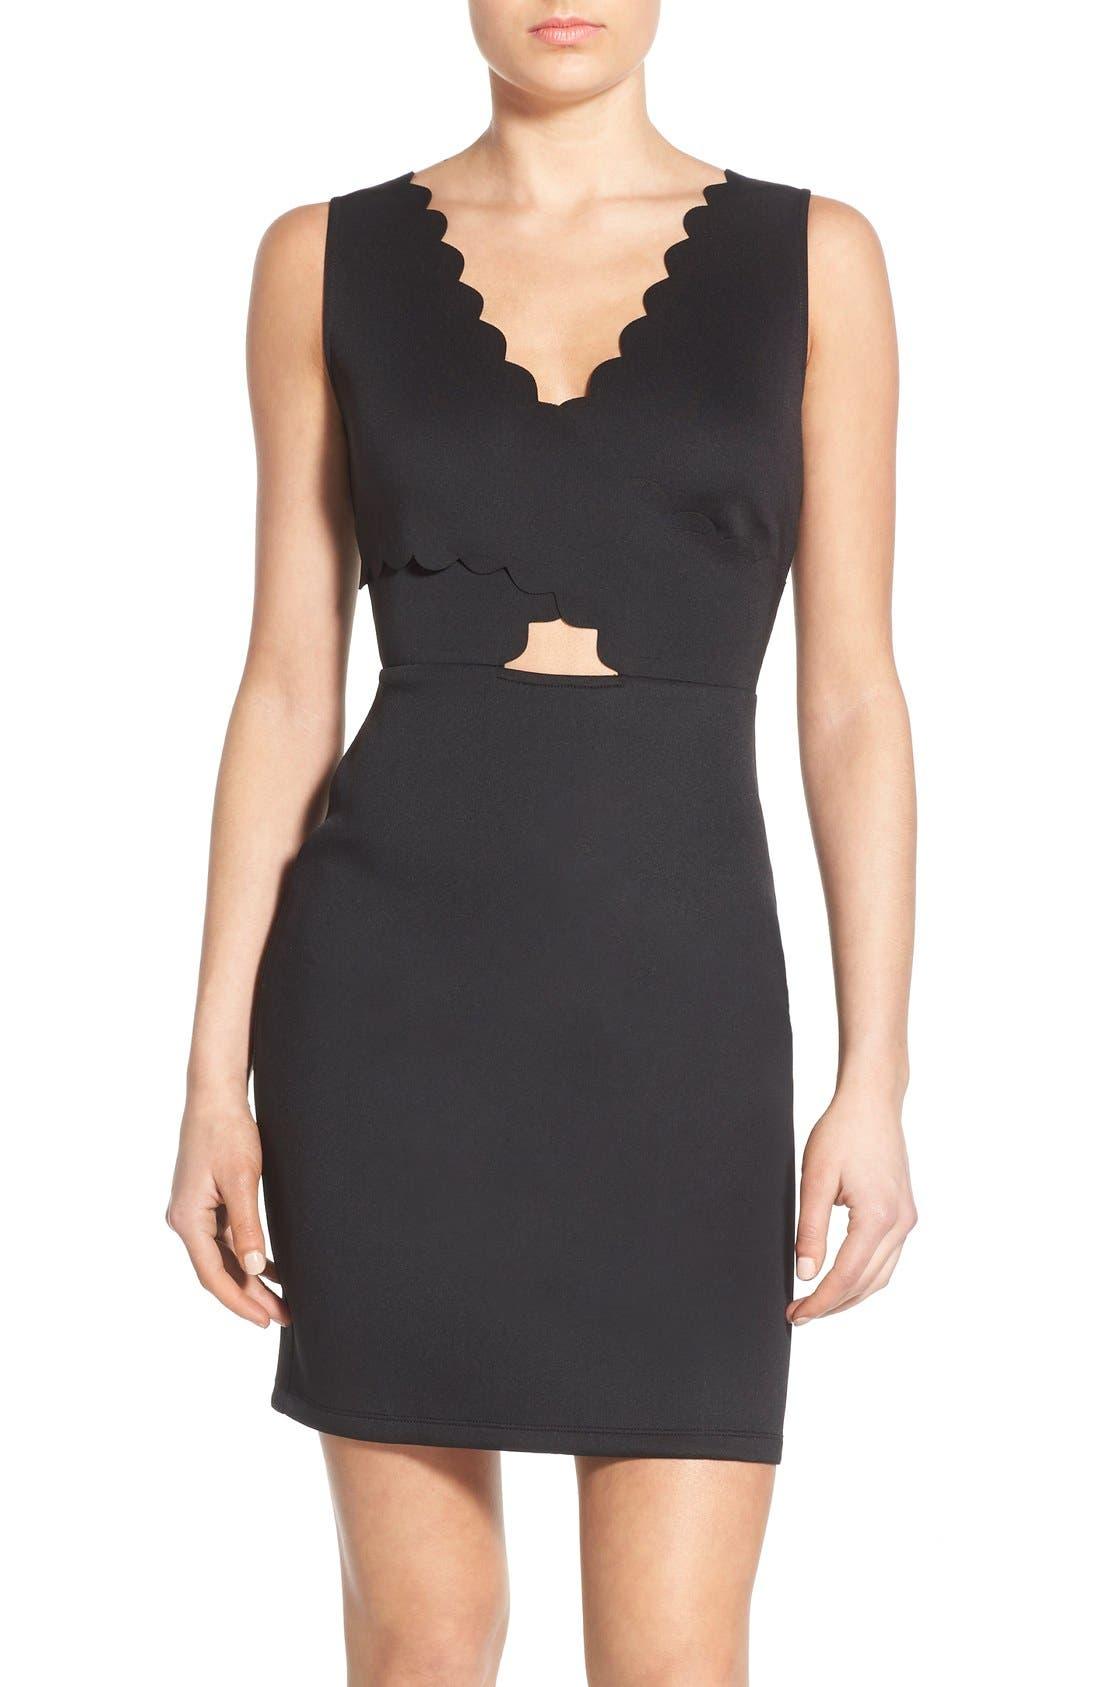 Main Image - Soprano Scalloped Sleeveless Body-Con Dress